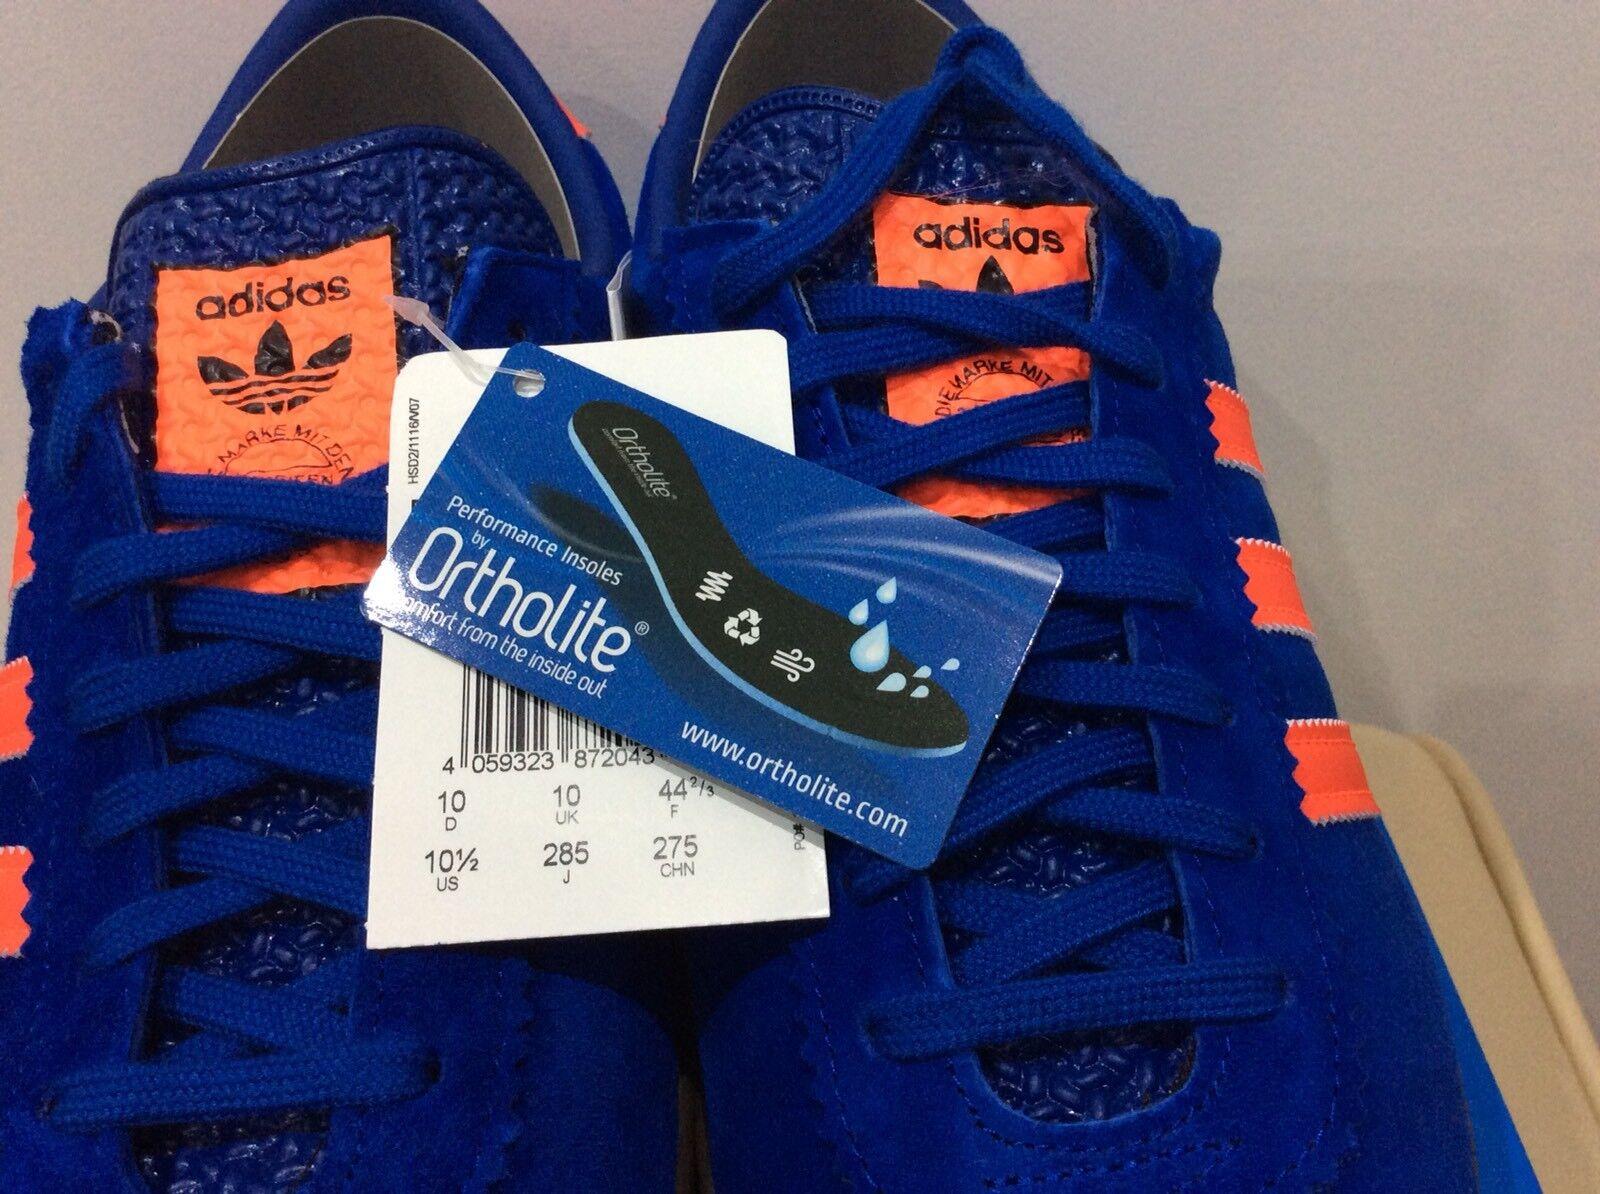 Adidas dublino 2017, volume 10, nuovo zecca di zecca nuovo nel riquadro c9828b